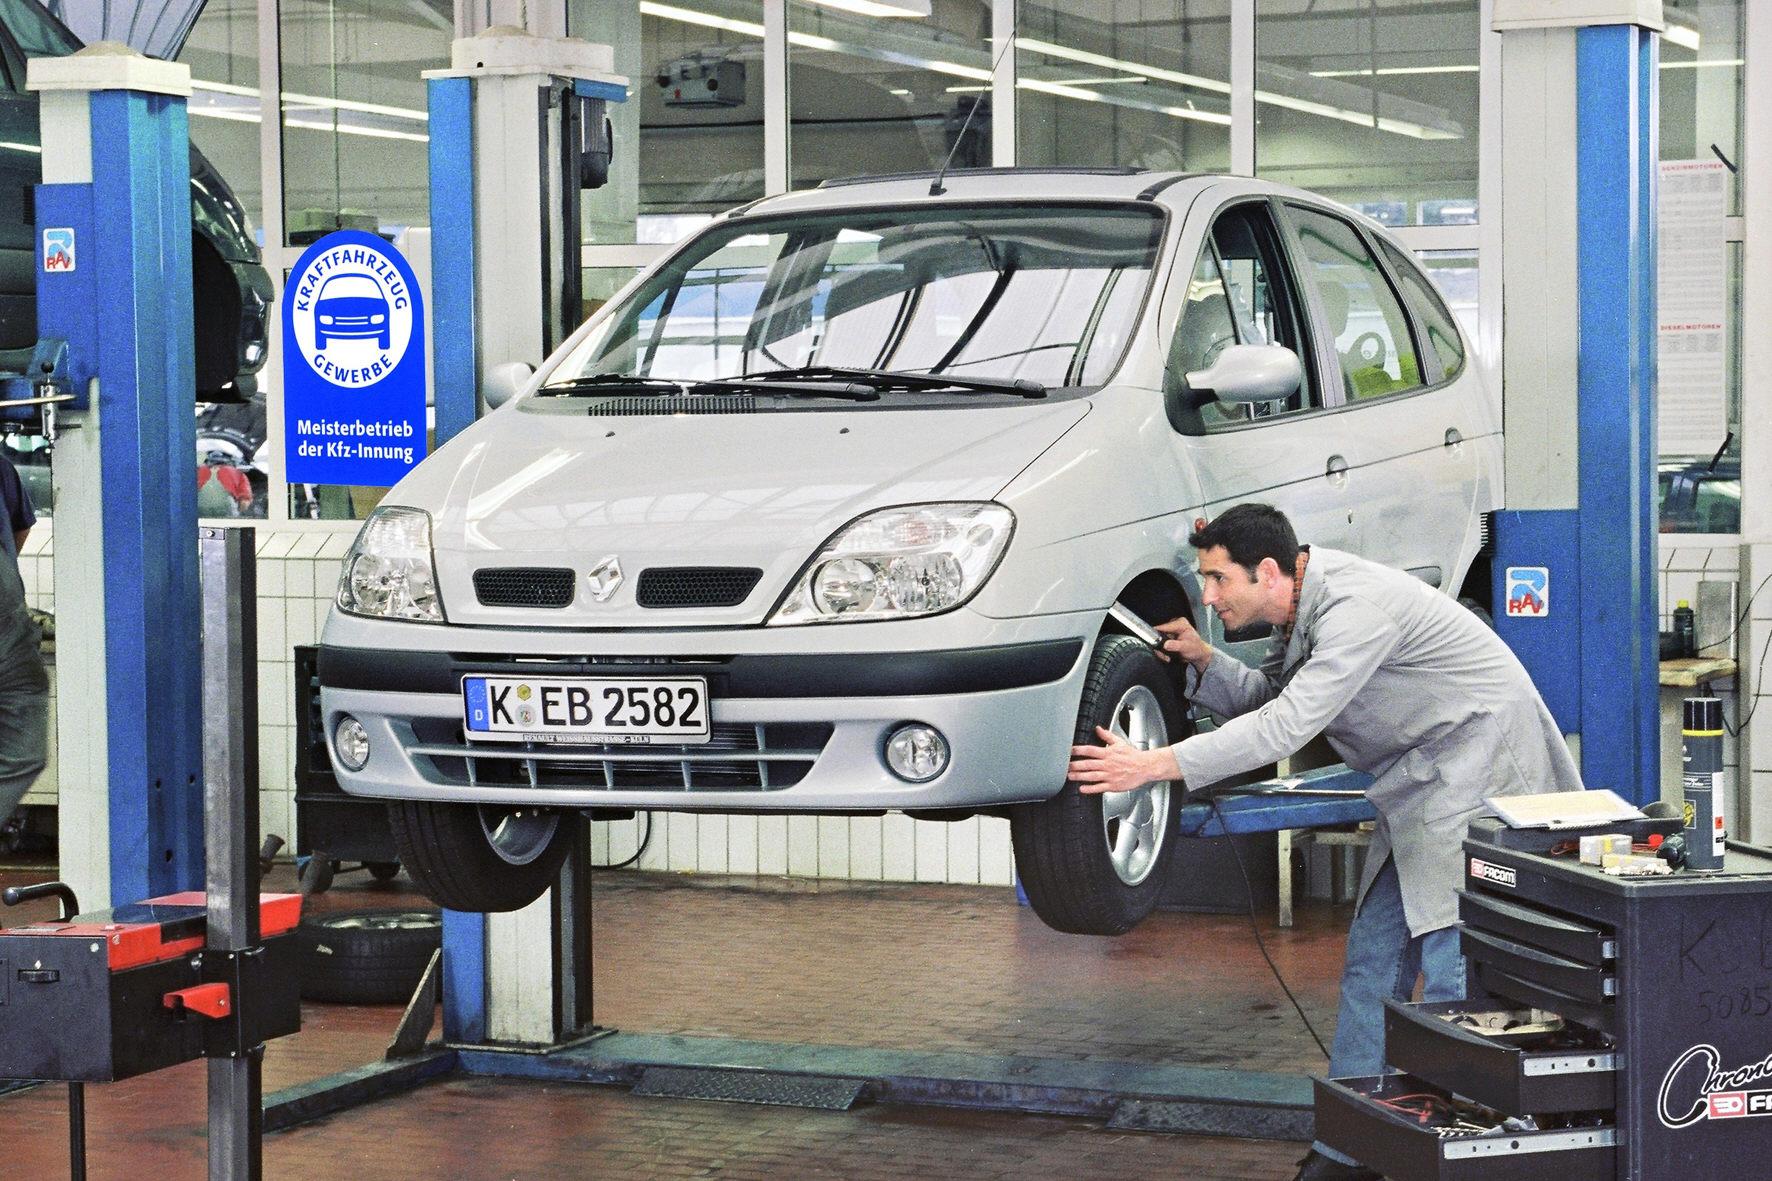 Auto-Reparaturen: Immer mehr Hobby-Mechaniker